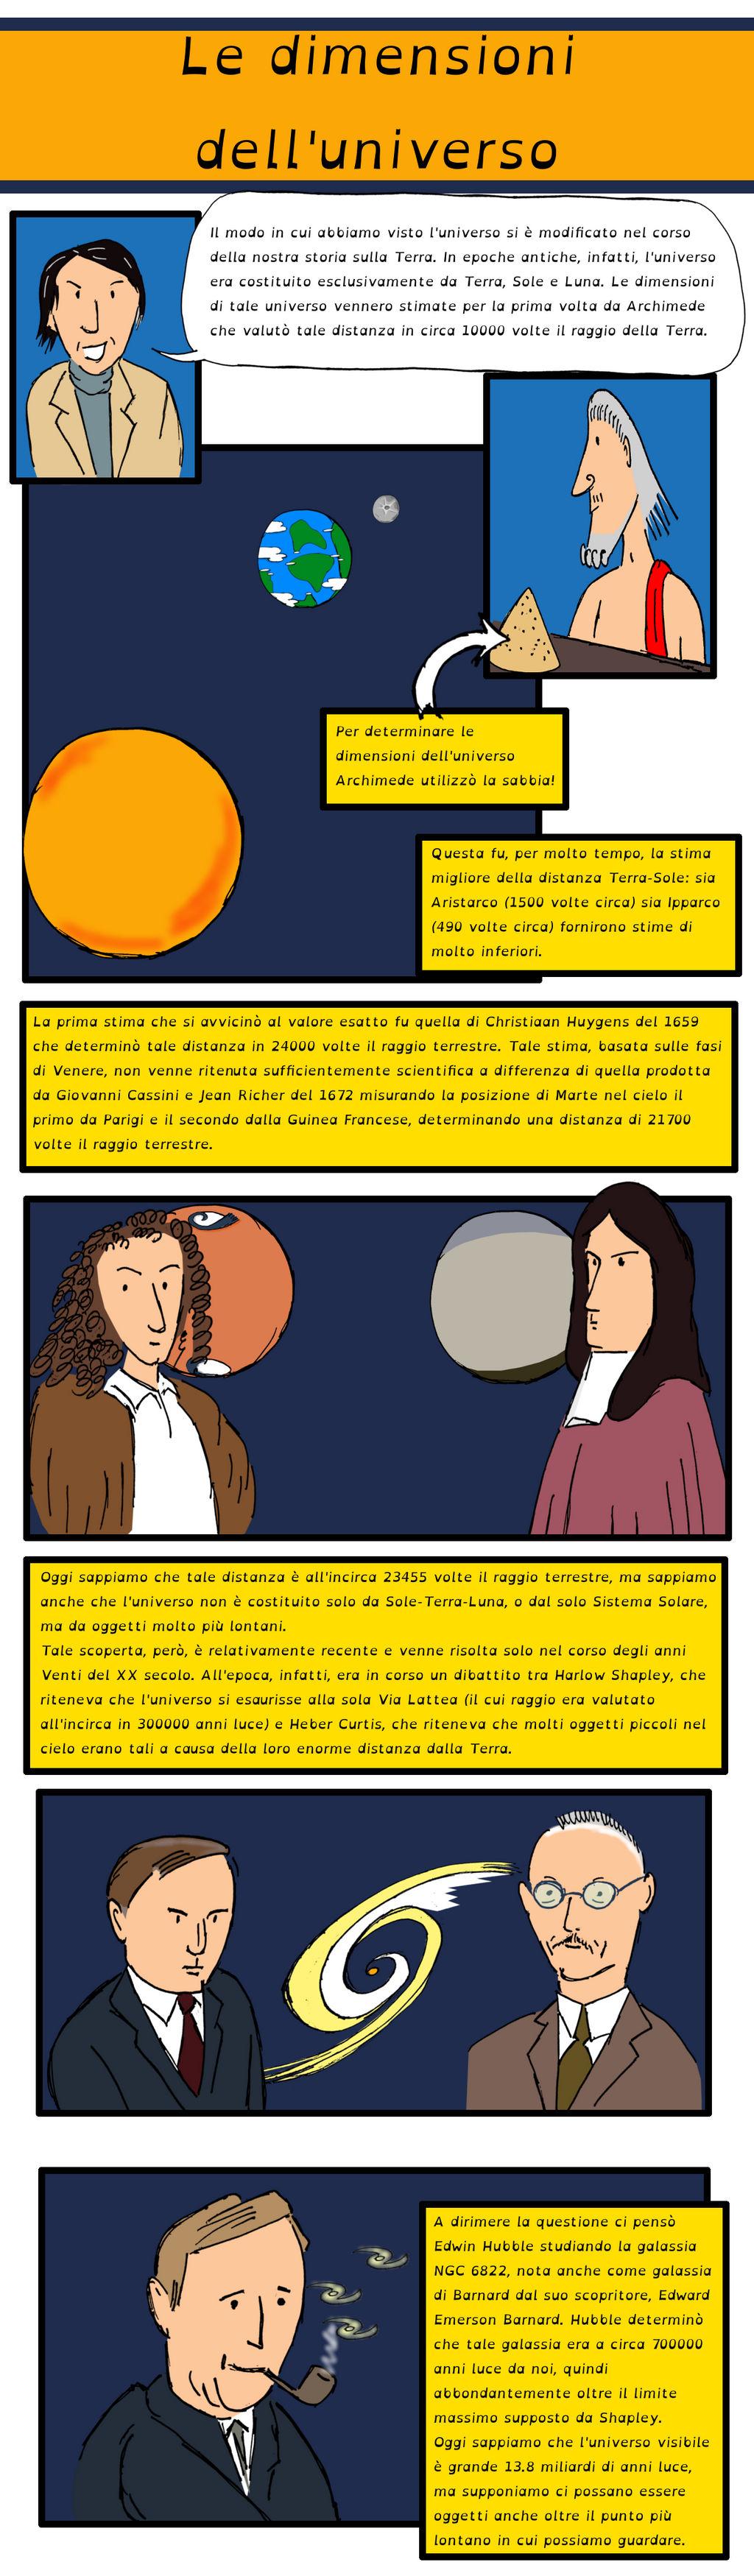 Le dimensioni dell'universo by ulaulaman